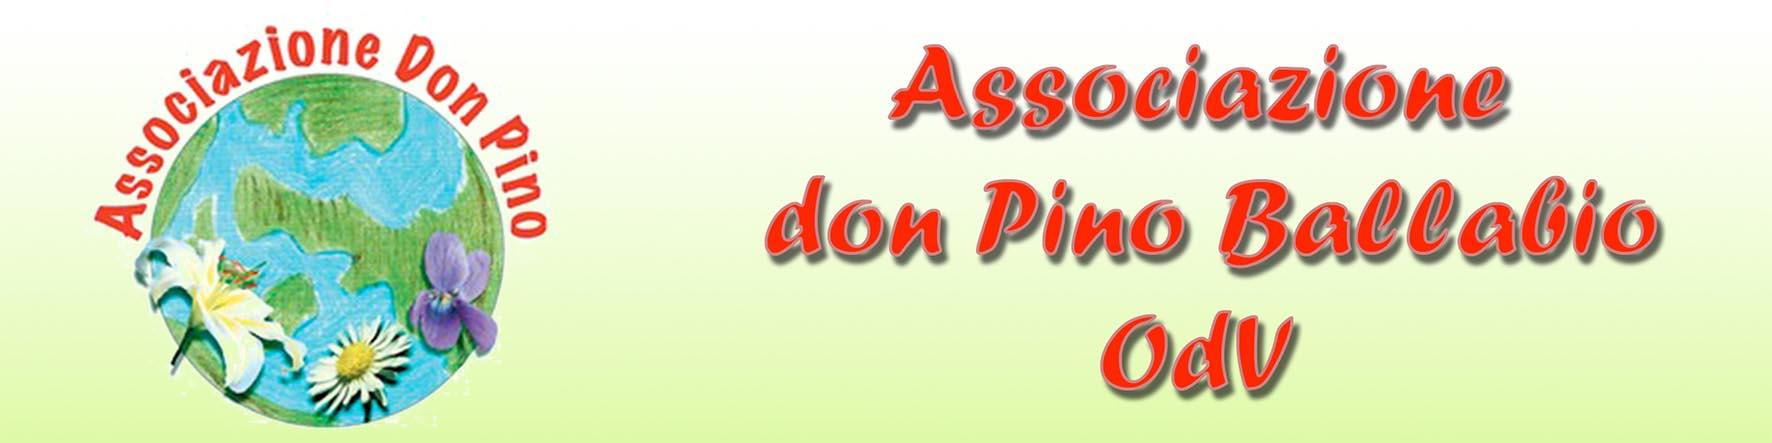 Associazione don Pino